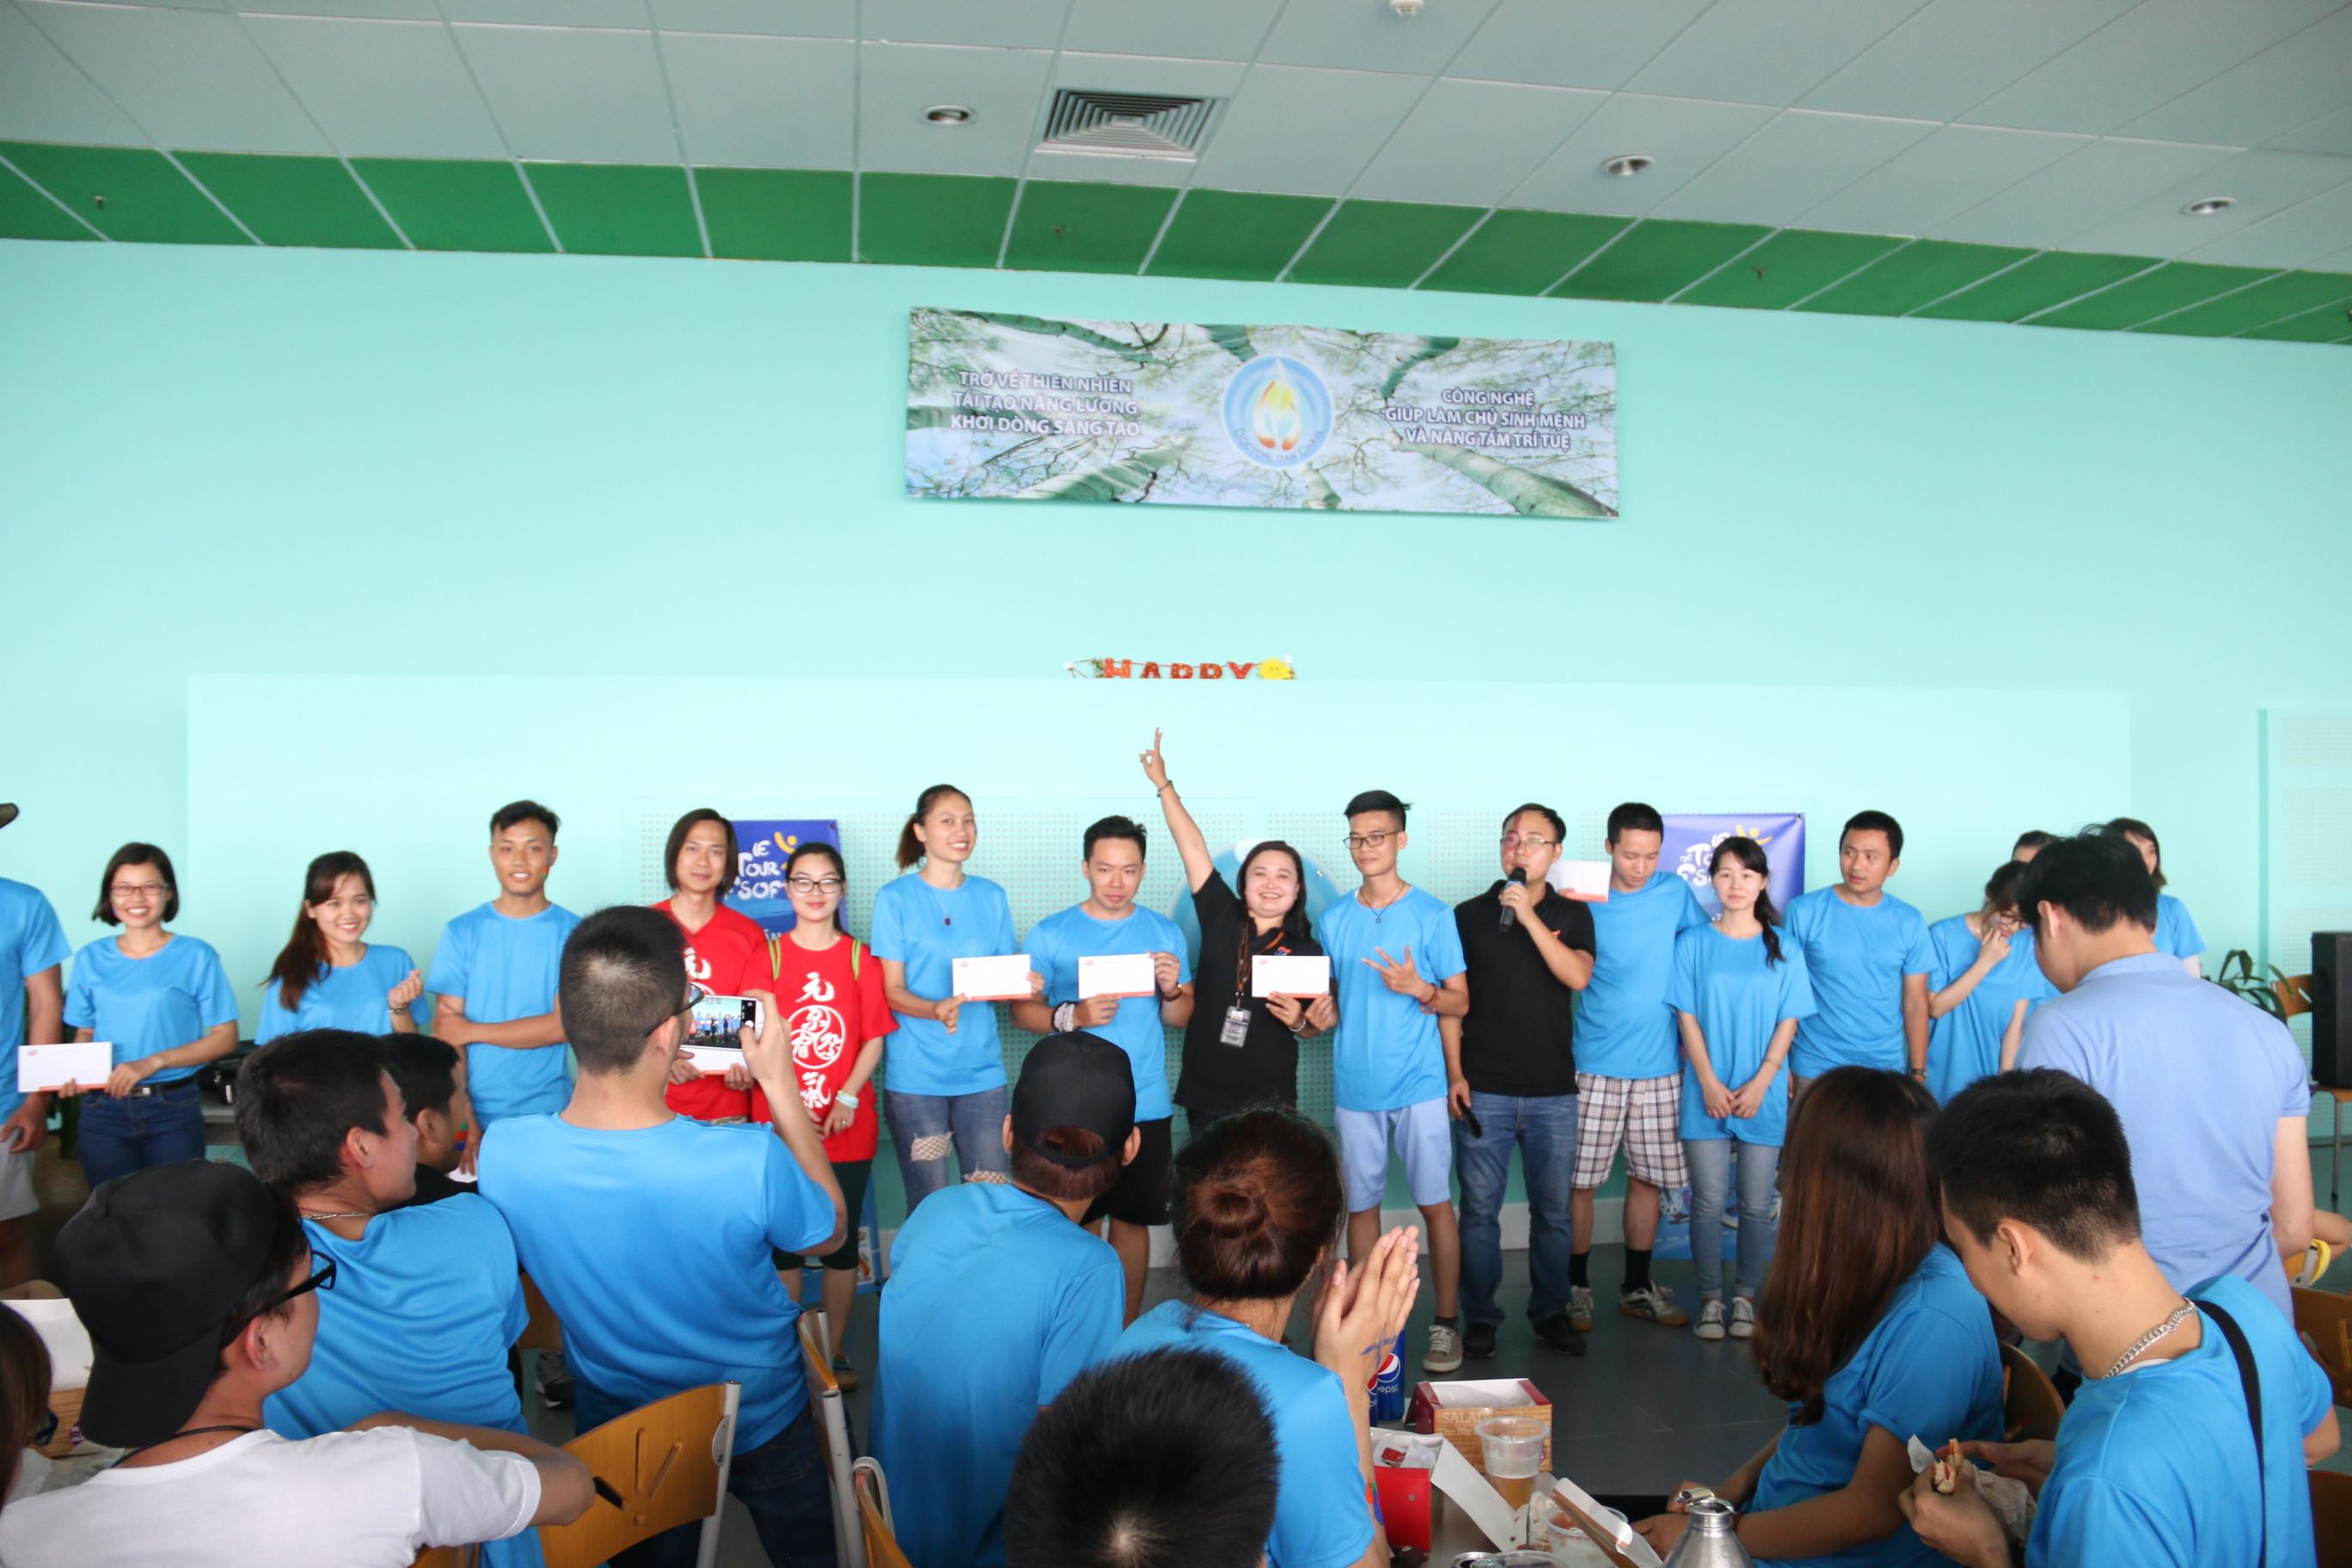 """Ban tổ chức cũng đã trao các giảichặng 2 (10 giải), giải phụ hashtag,.. cho các vận động viên.Le tour de FSoft là hoạt động được FPT Software tổ chức thường niên từ năm 2004 nhằm tạo điều kiện cho CBNV của đơn vị có cơ hội giao lưu, gặp gỡ và rèn luyện thể thao. Số lượng vận động viên tham gia giải đua các năm khá đông đảo, khoảng gần 300 người tham gia. Năm 2015, giải được mở rộng ra toàn FPT với sự tham gia của Ban Văn hóa - Đoàn thể FPT (FUN). """"Cặp đôi Vovinam"""" của Tổ chức Giáo dục FPT giành ngôi vô địch Le tour de FPT 2015"""